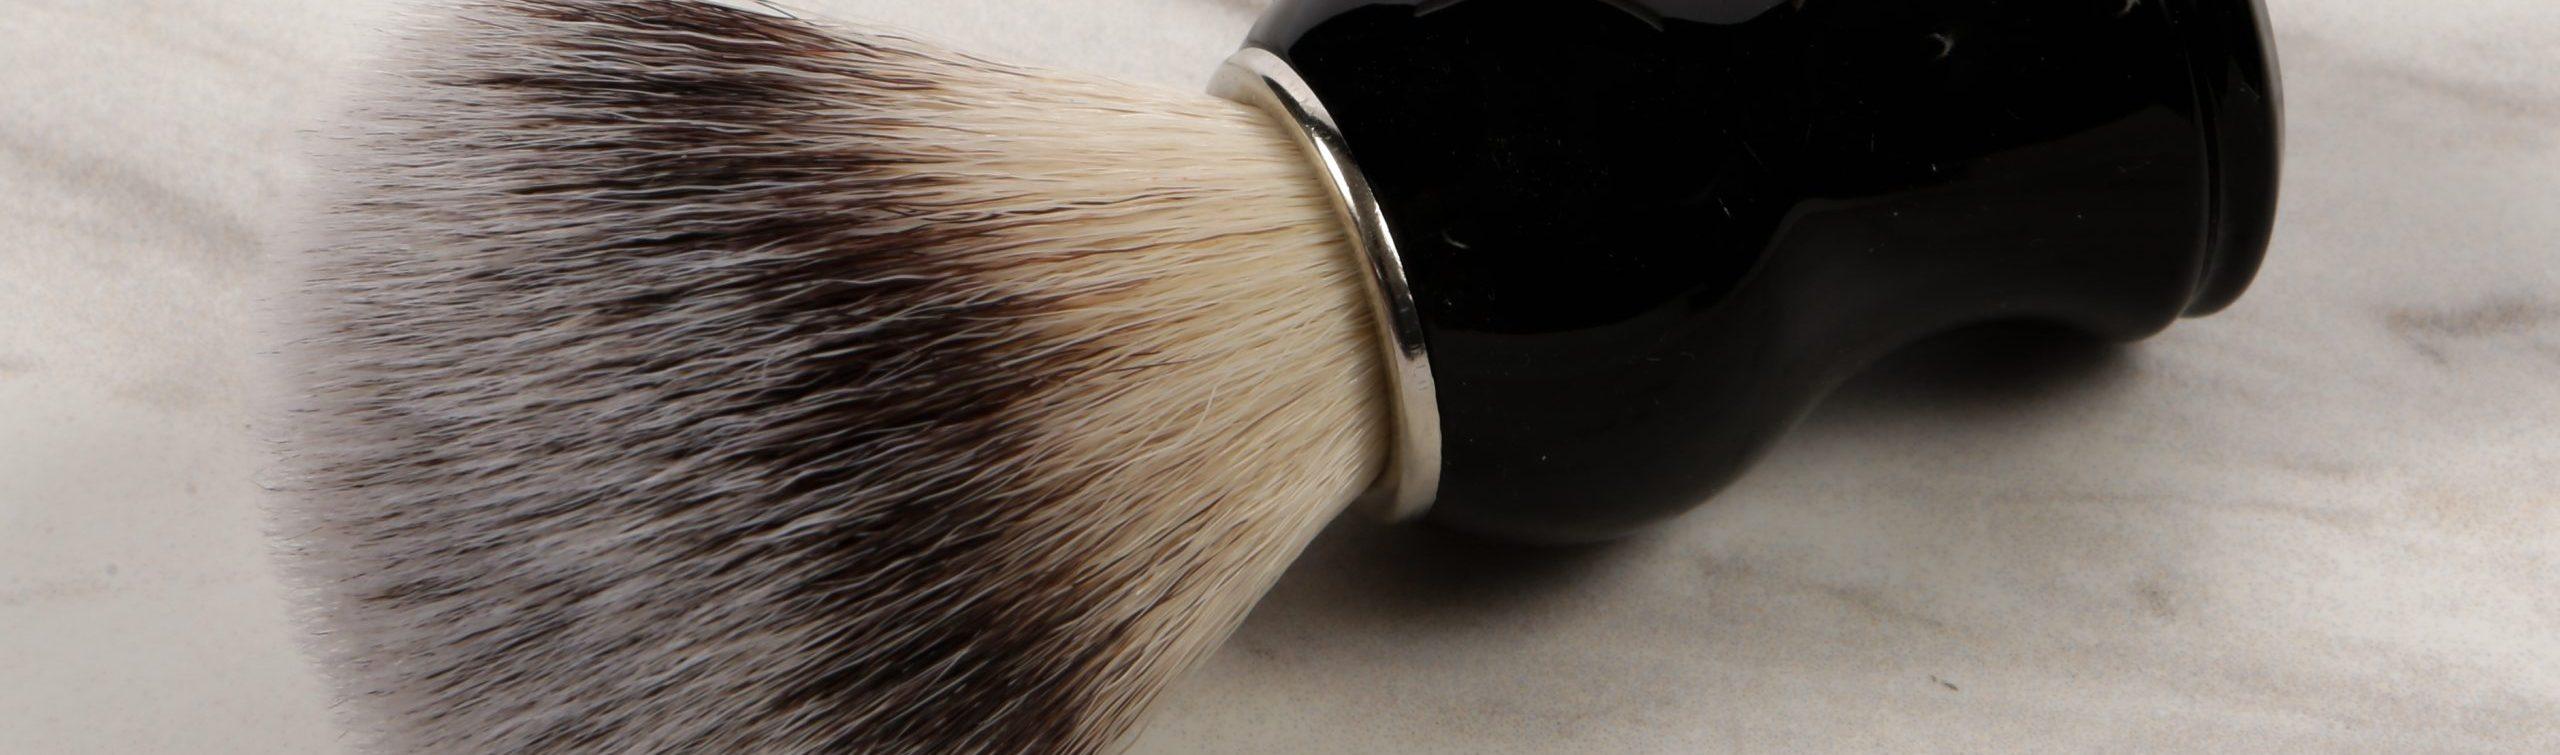 Best Shaving Brush